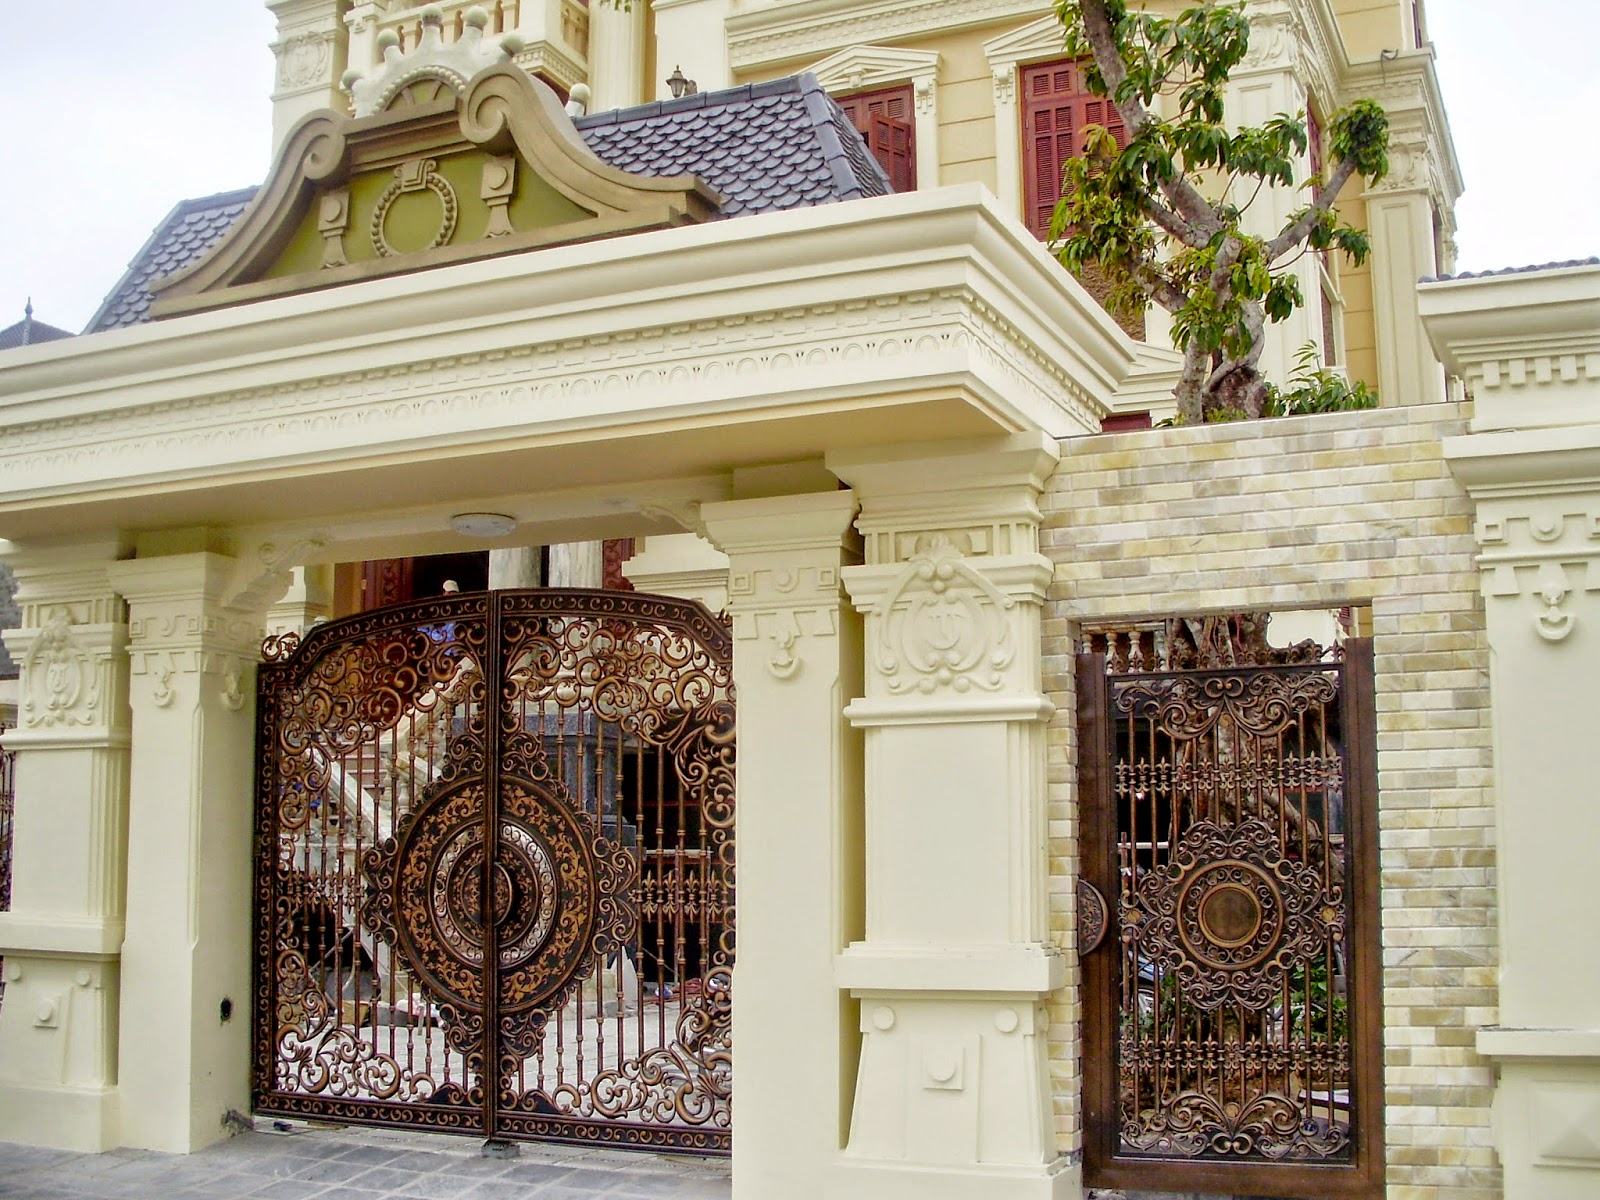 Thiết kế cổng nhà cần phải phù hợp và cân đối với kích thước tổng thể ngôi nhà